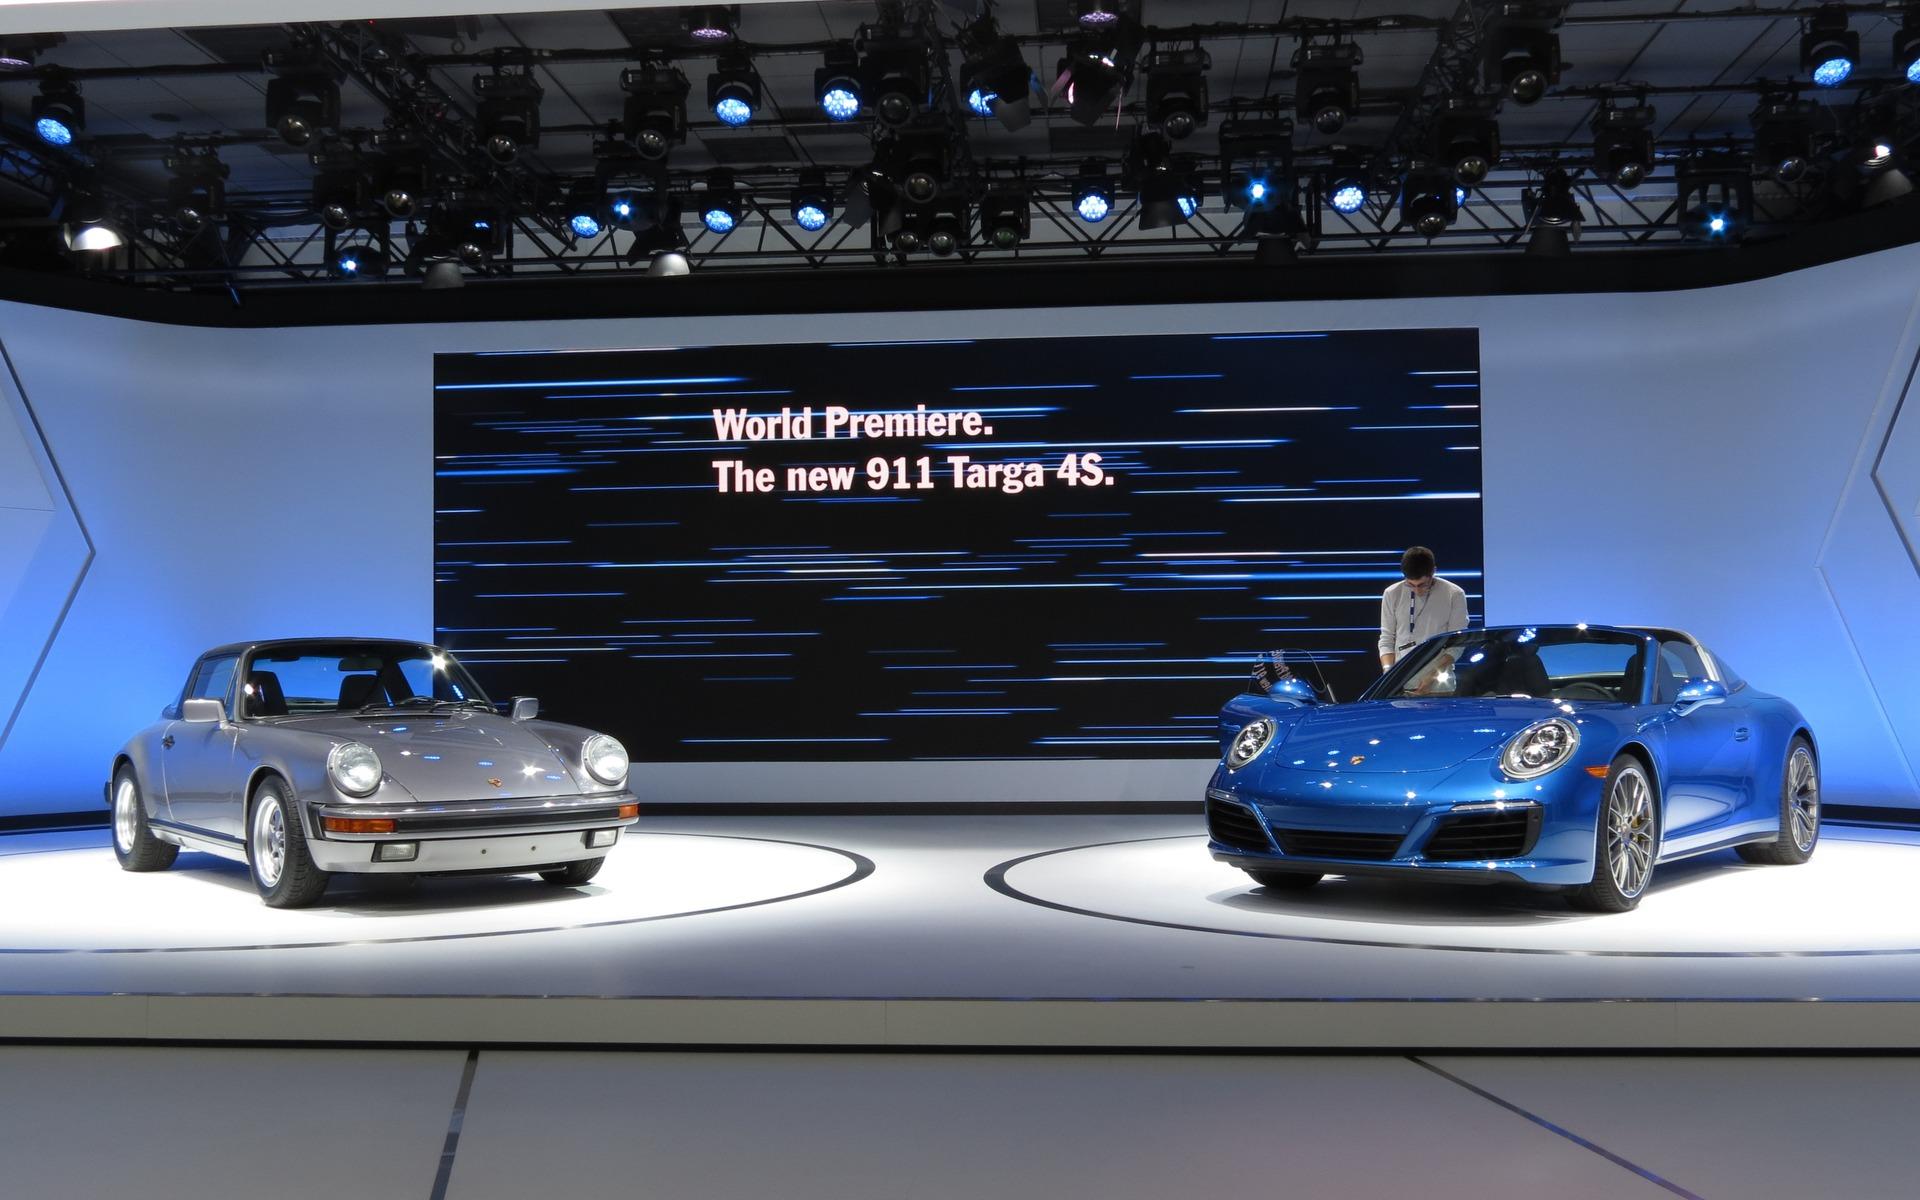 2017 Porsche 911 Carrera Targa And Awd Already 5 8